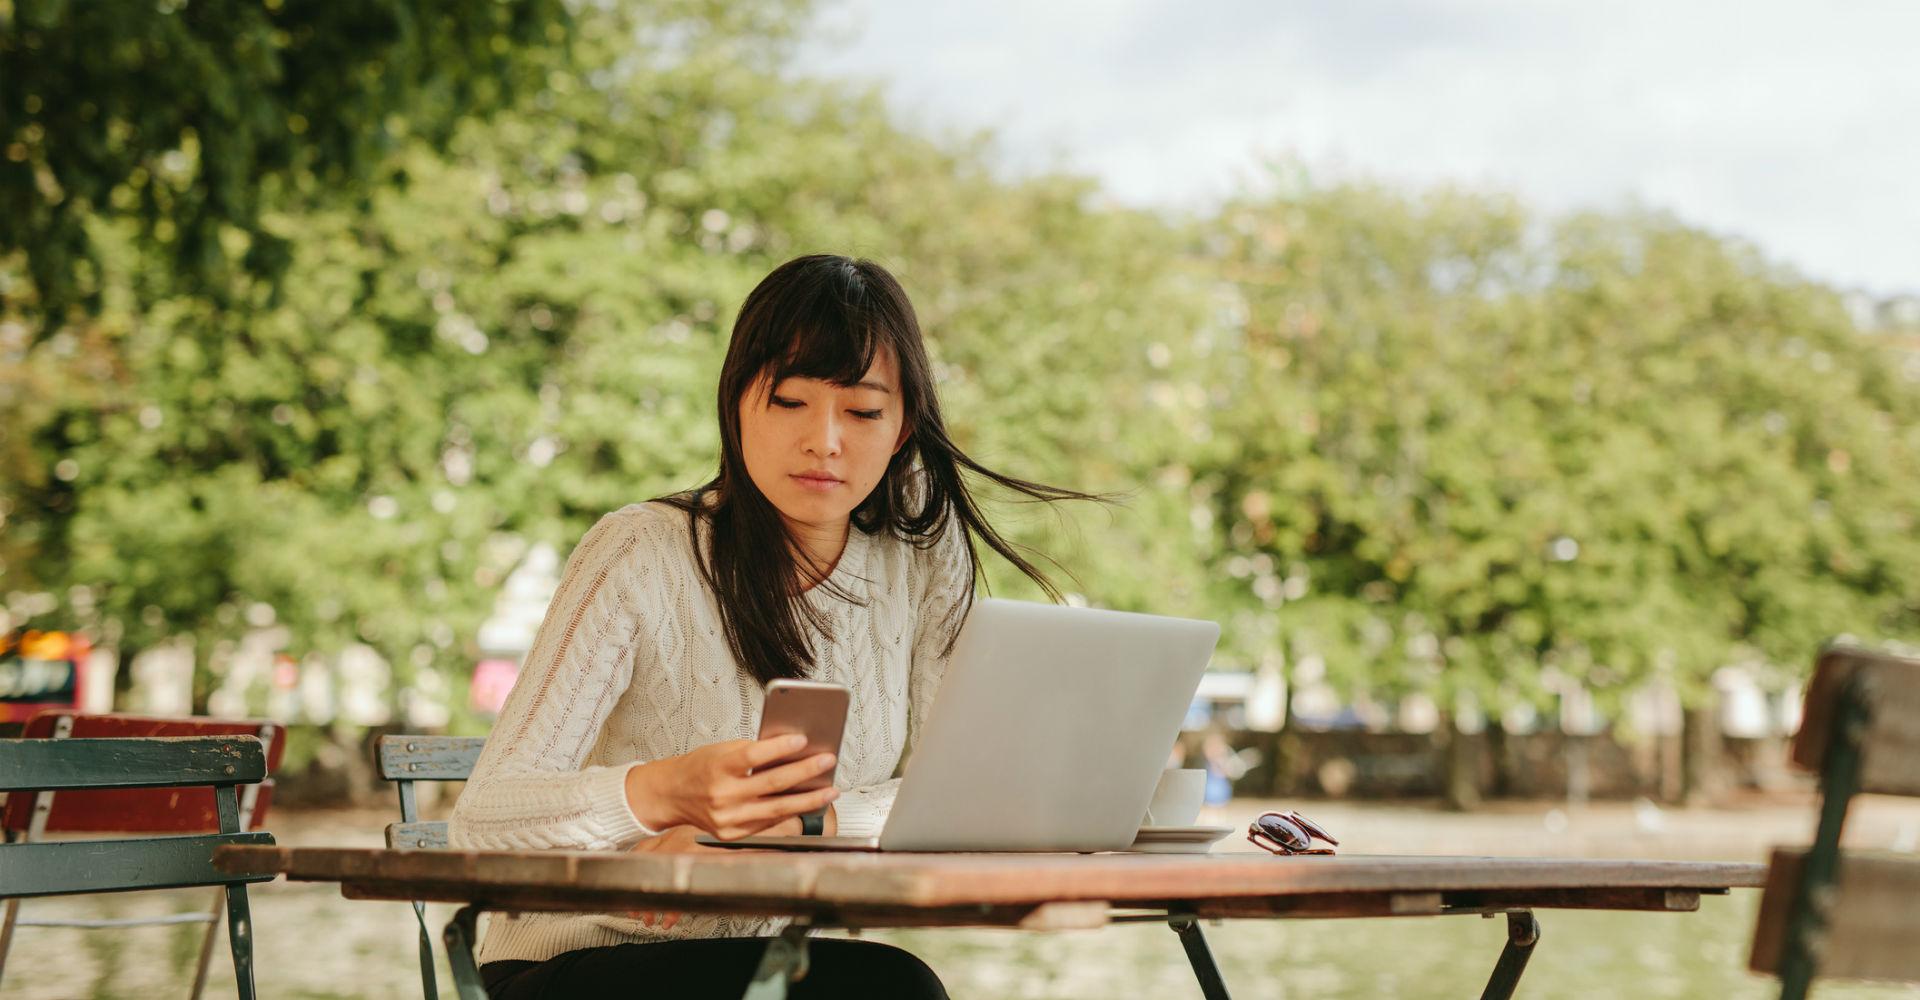 Frau sitzt draußen und schaut auf ihr Smartphone.